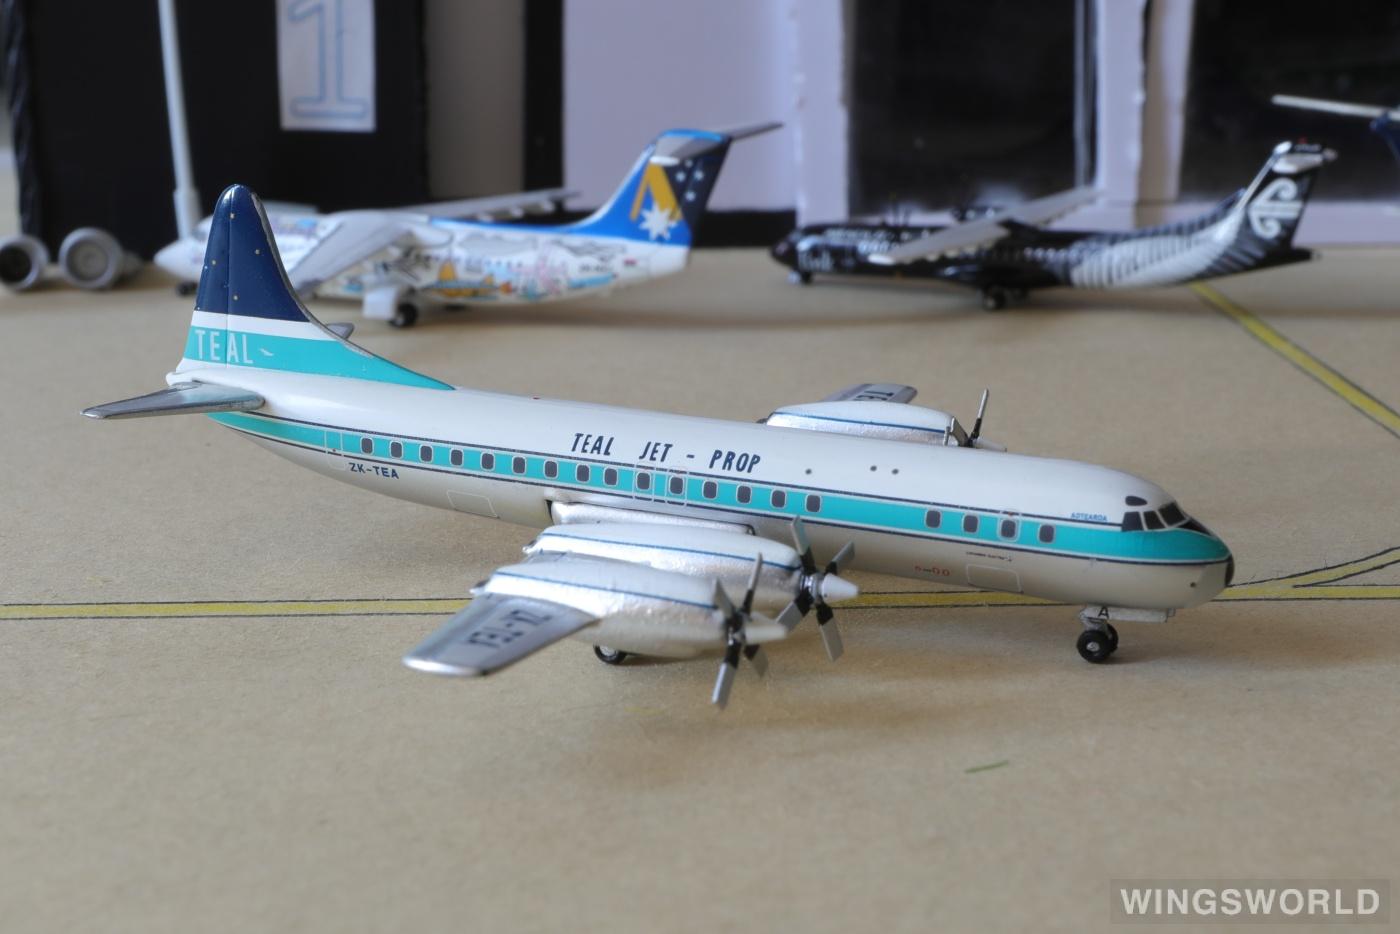 AeroClassics 1:400 ACZKTEA Air New Zealand 新西兰航空 Lockheed L-188 Electra ZK-TEA